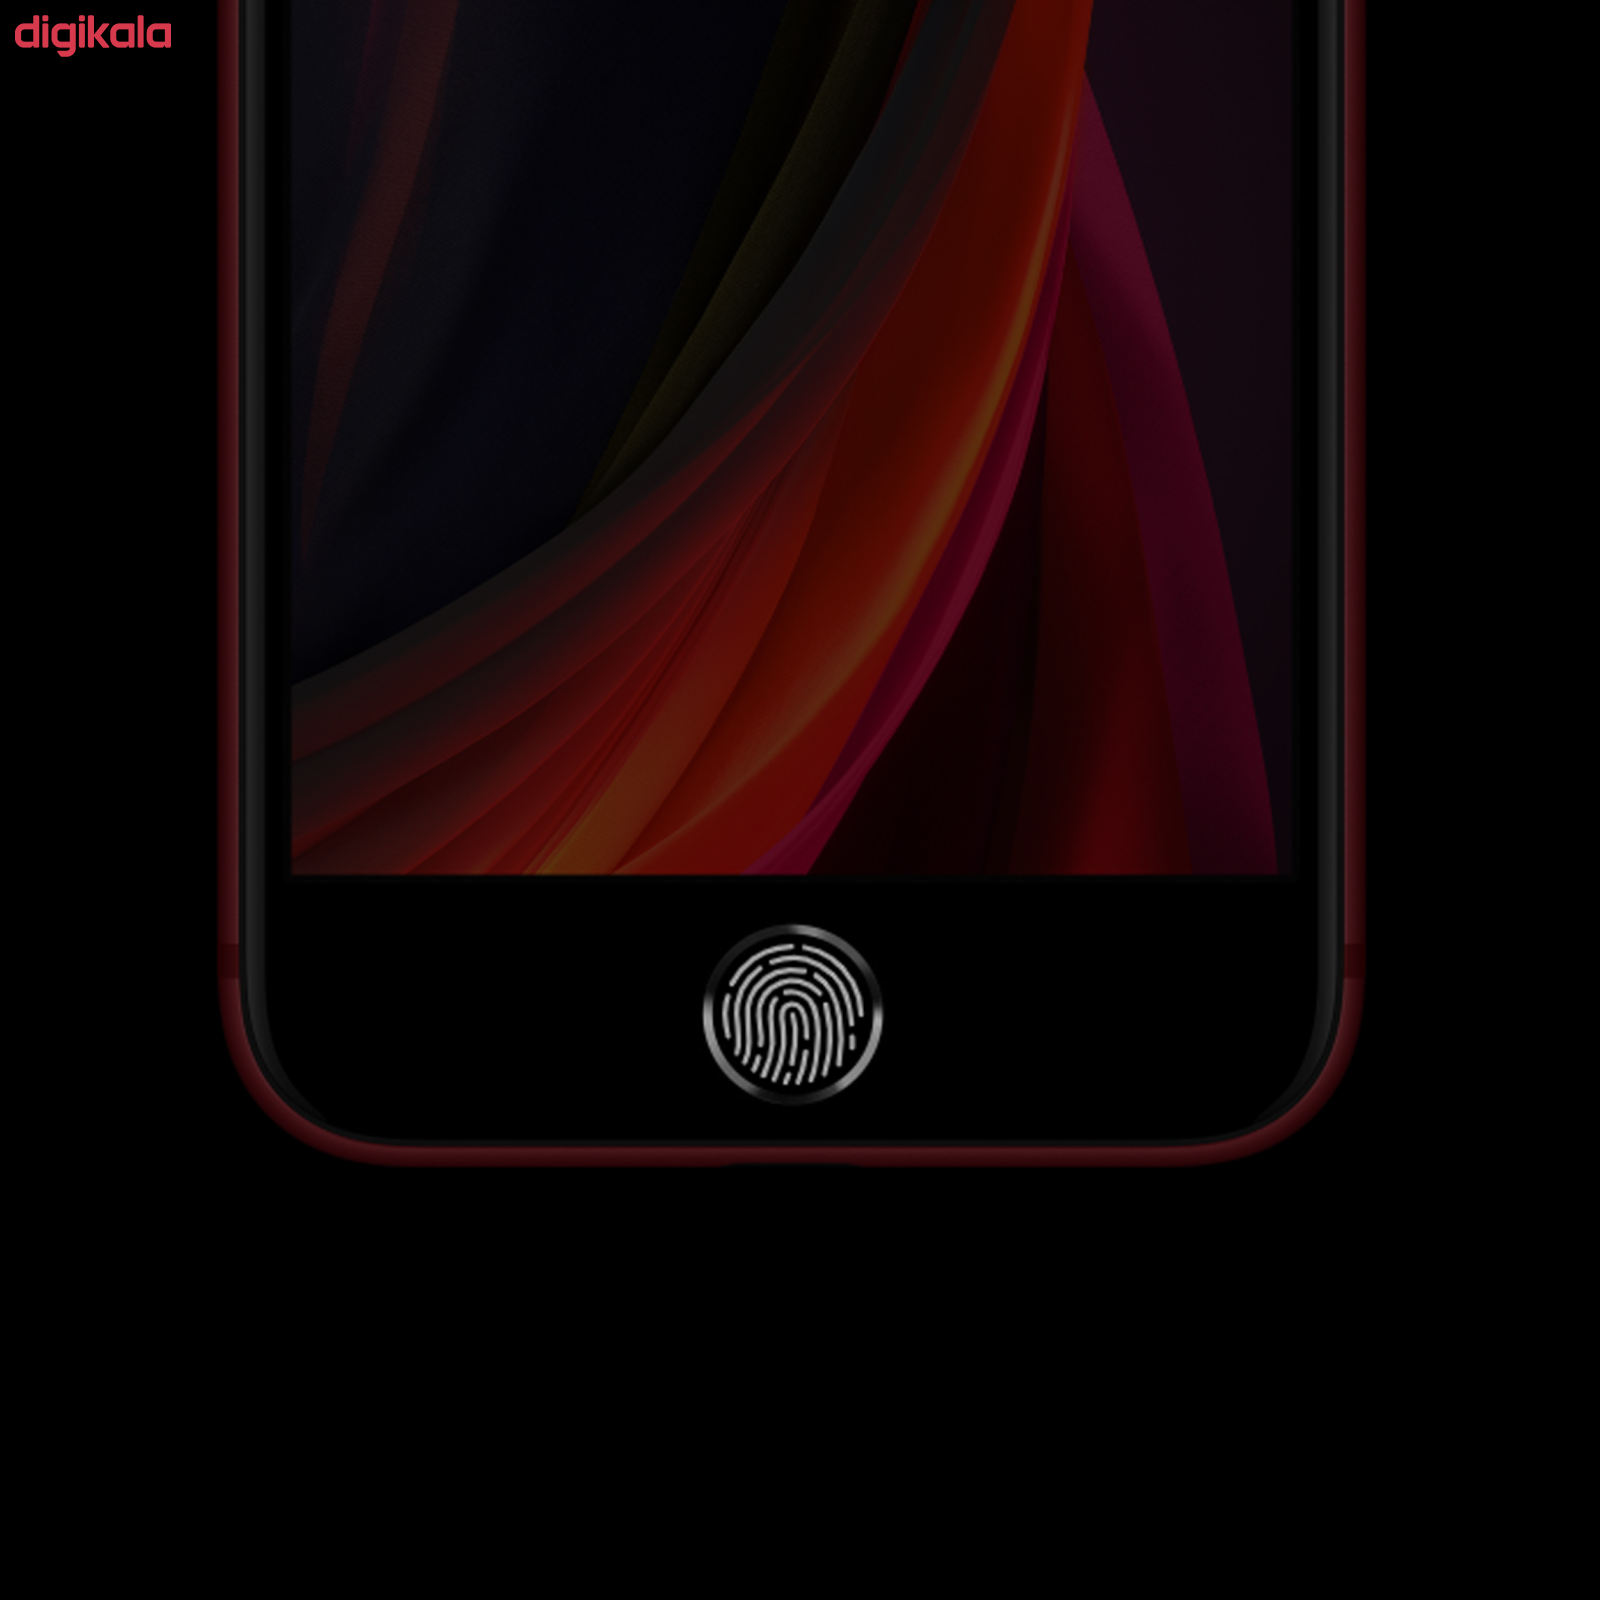 گوشی موبایل اپل مدل  iPhone SE 2020 A2275 ظرفیت 128 گیگابایت main 1 10